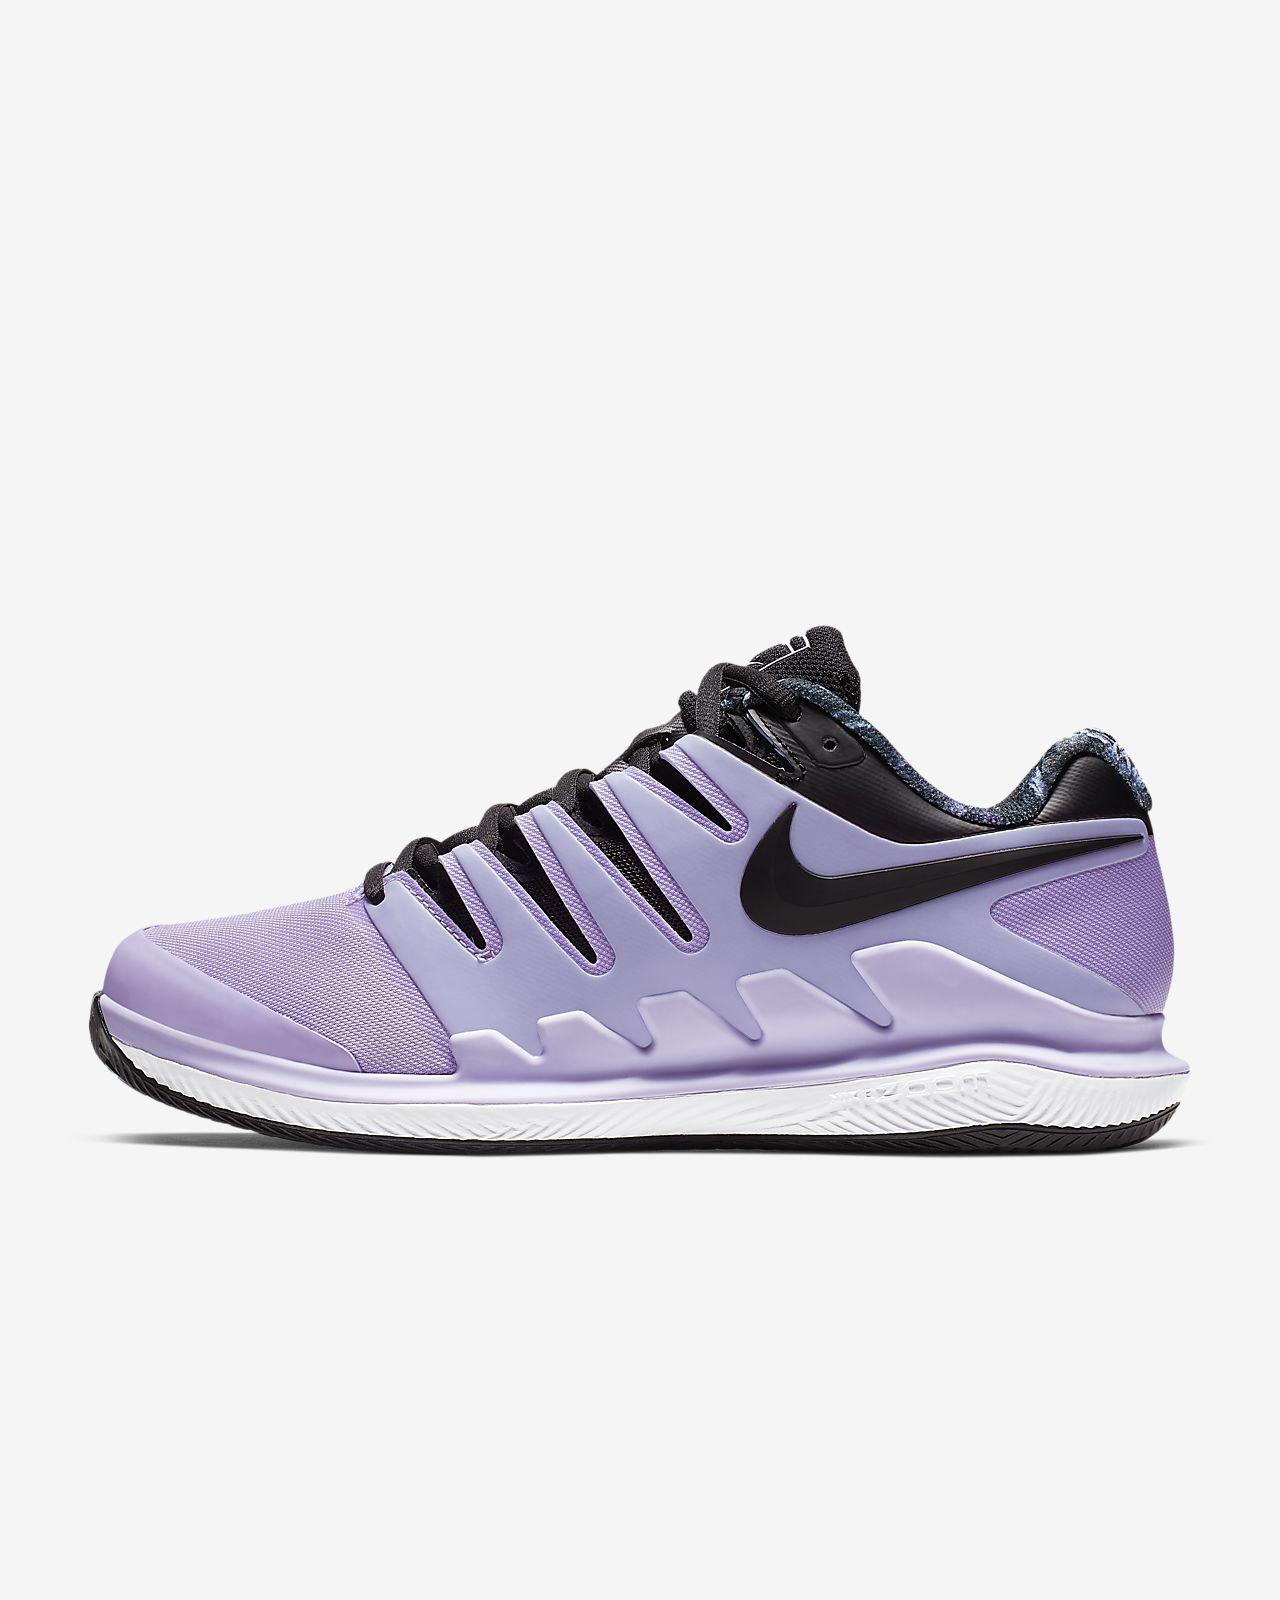 Nike Air Zoom Vapor X Clay Tennisschoen voor dames